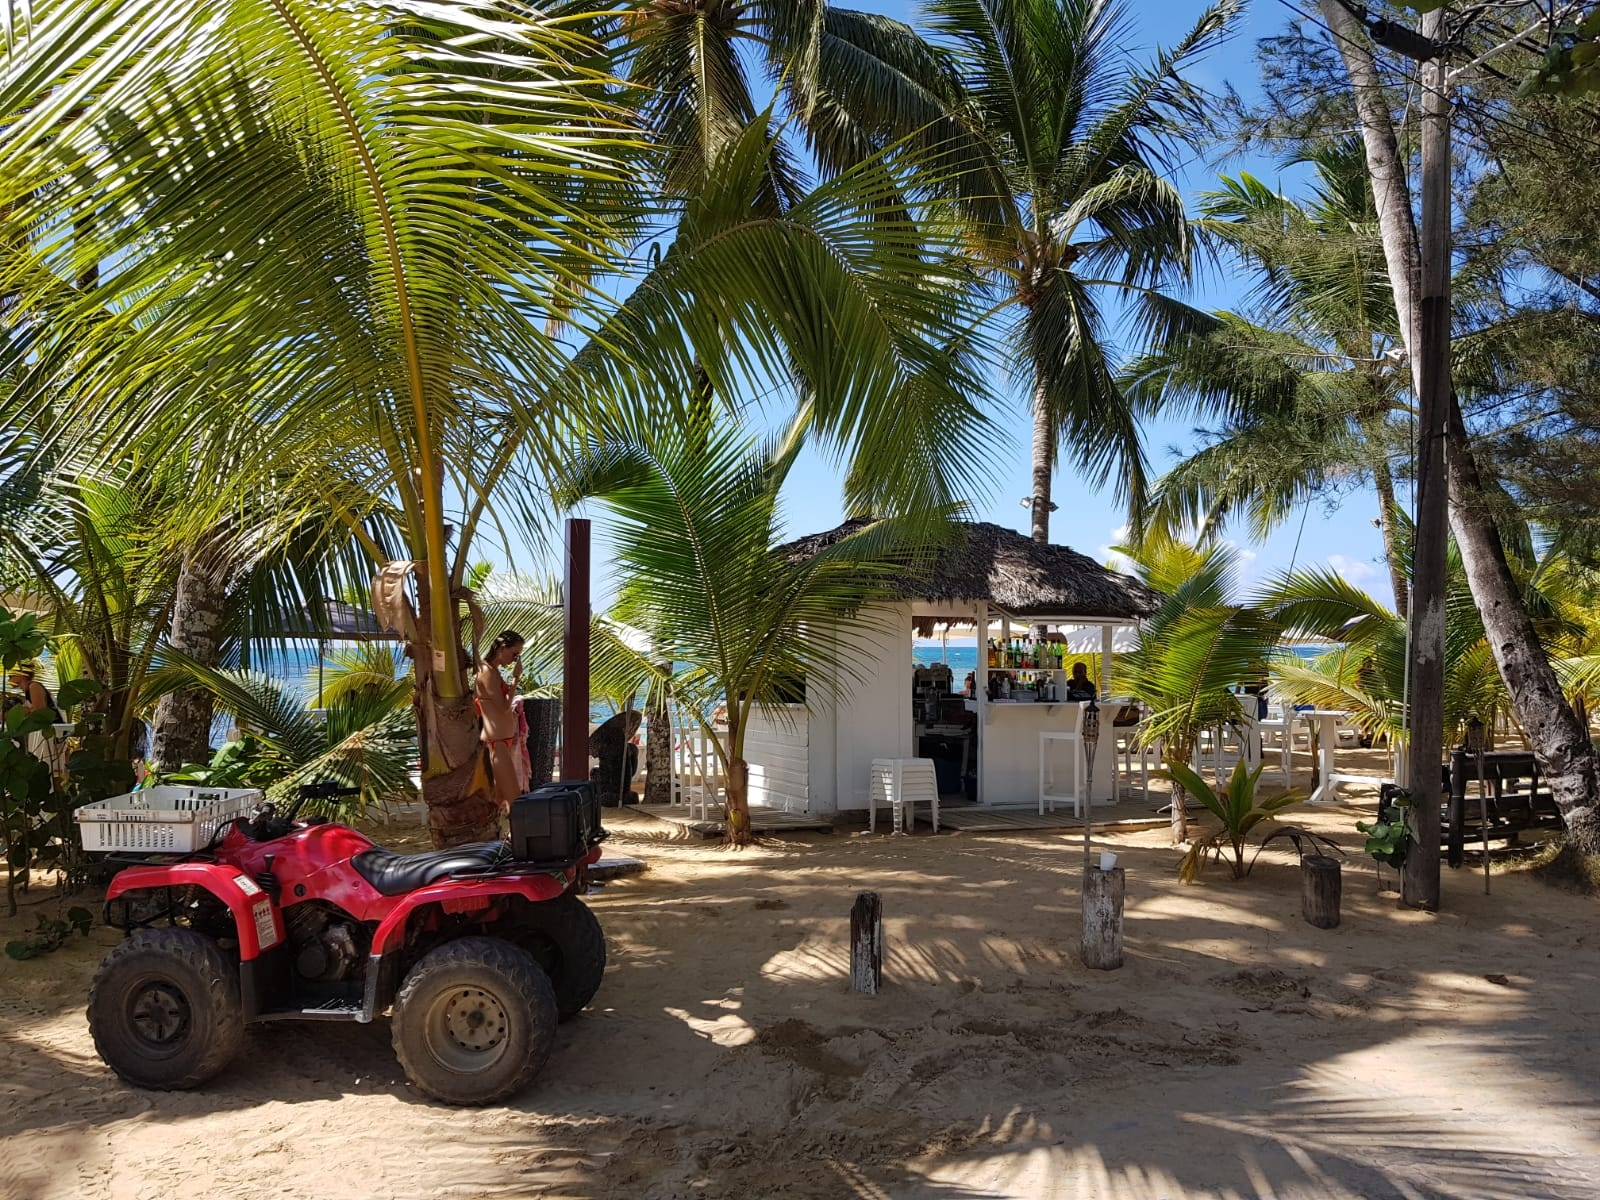 Villa El Secreto Real Estate Las Terrenas Dominican Republic 15.jpeg